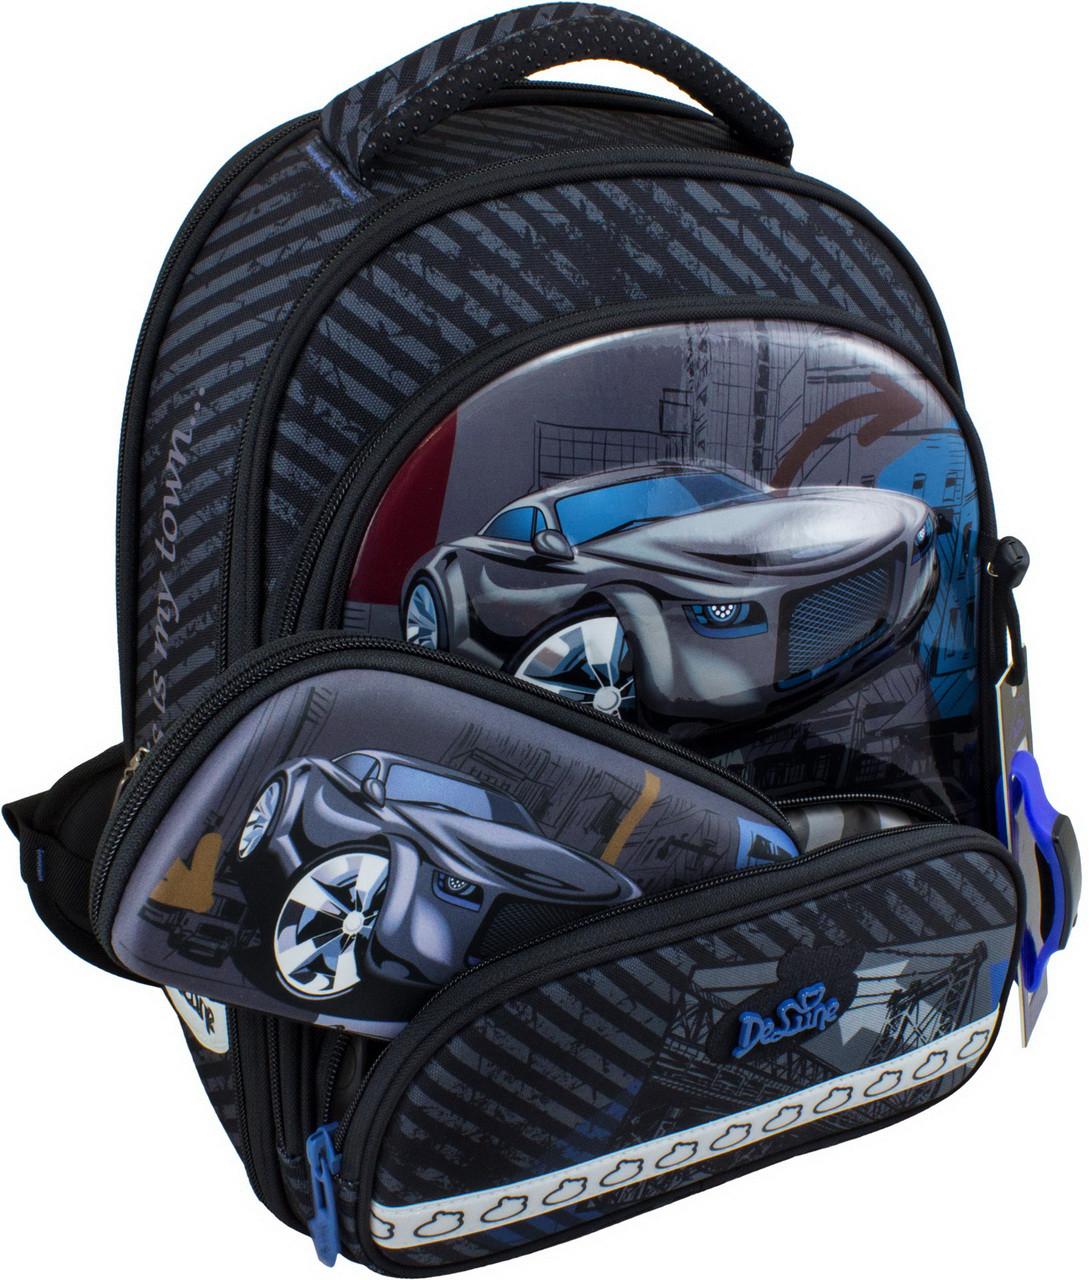 Новейший каркасный ранец для школьников. В подарок мешок для обуви, пенал и часы. Доставка бесплатно.